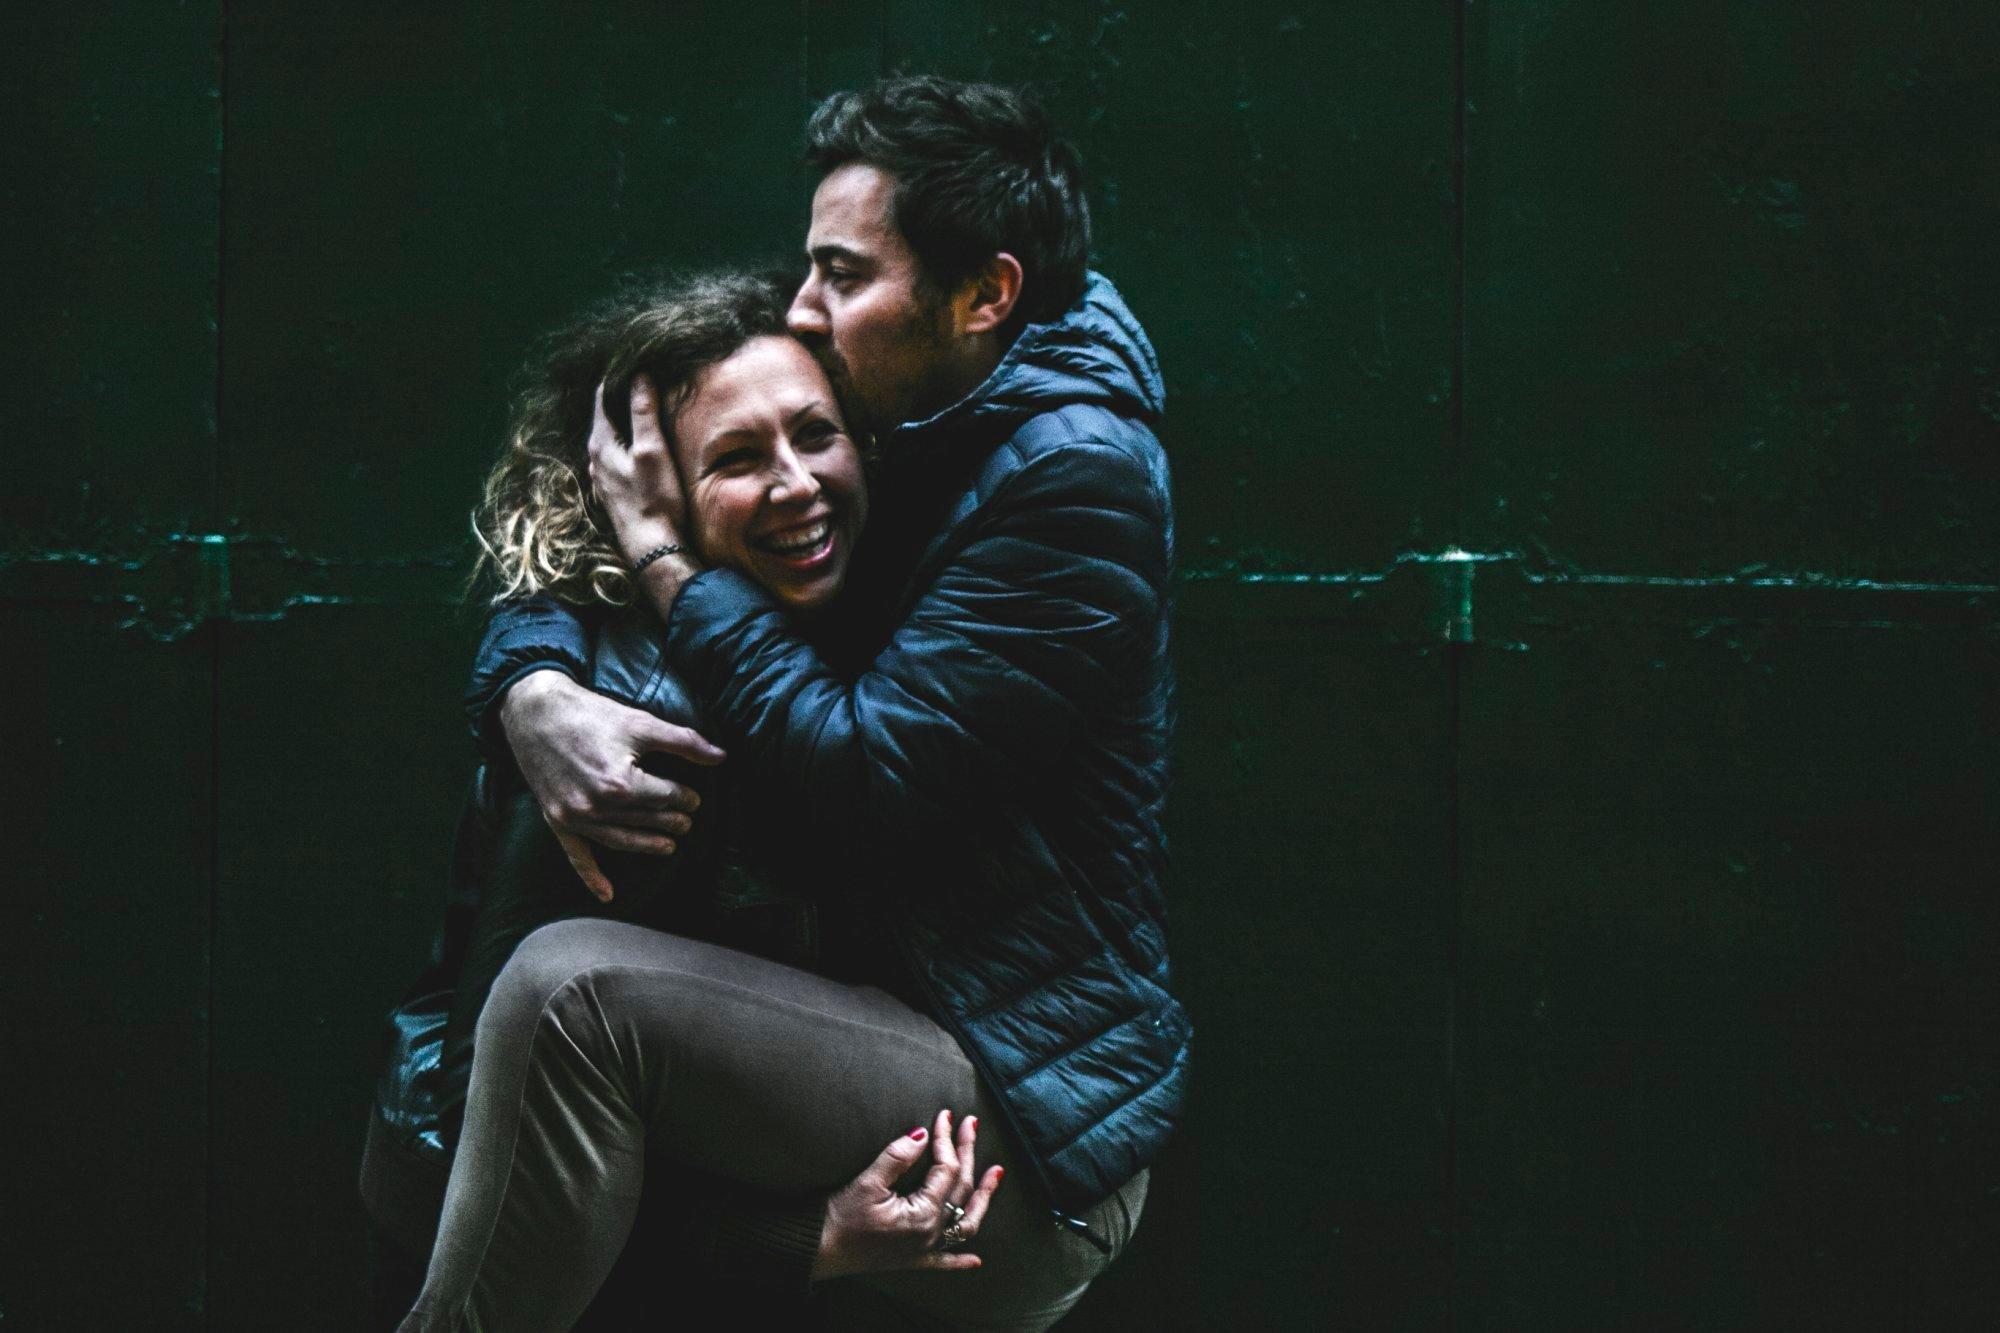 couple-noir-sourire-seance-shooting-photo-photographe-professionnel